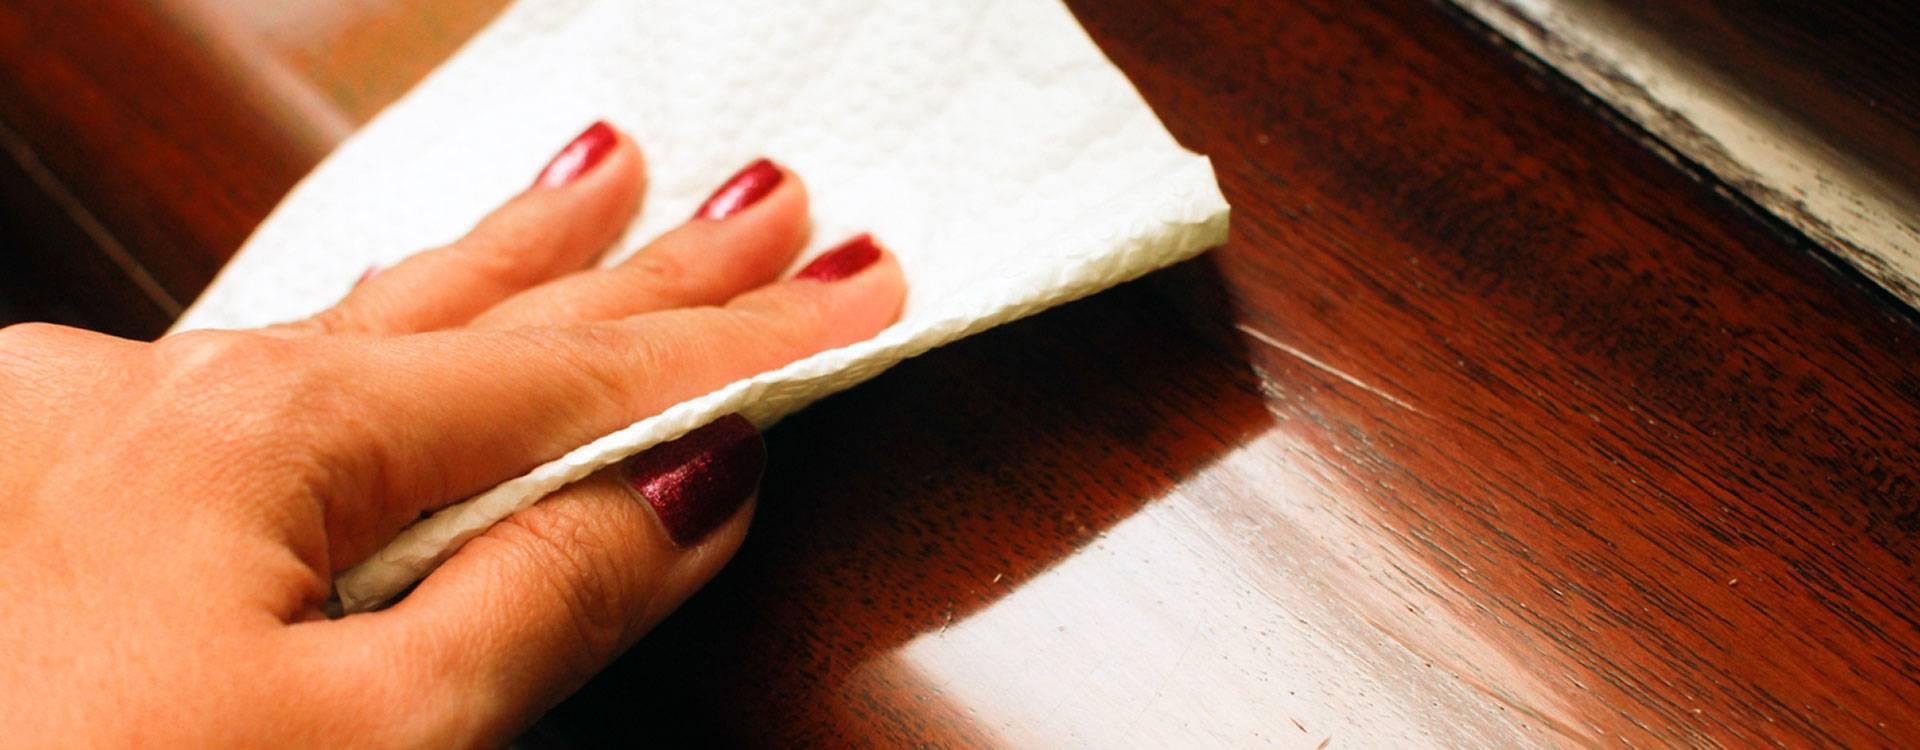 Как производить чистку полированной мебели в домашних условиях